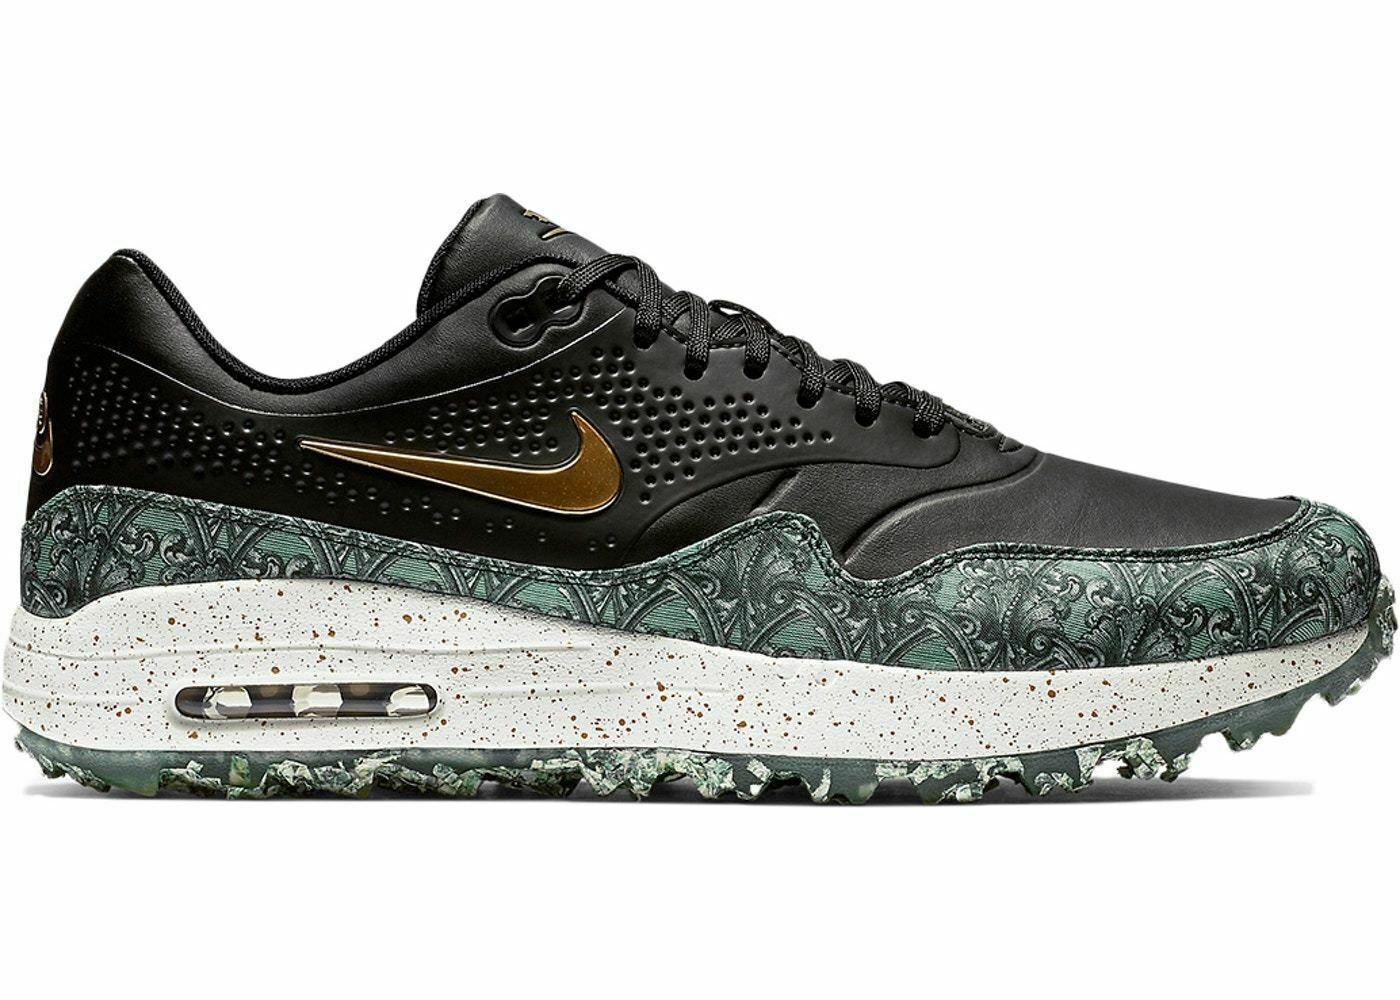 Nike Air Max 1 G Golf Shoes BlackWhite 5.00 1 5 5 Nike Air Max 1 G Golf Shoes BlackWhite (5.00), Reviews (1)